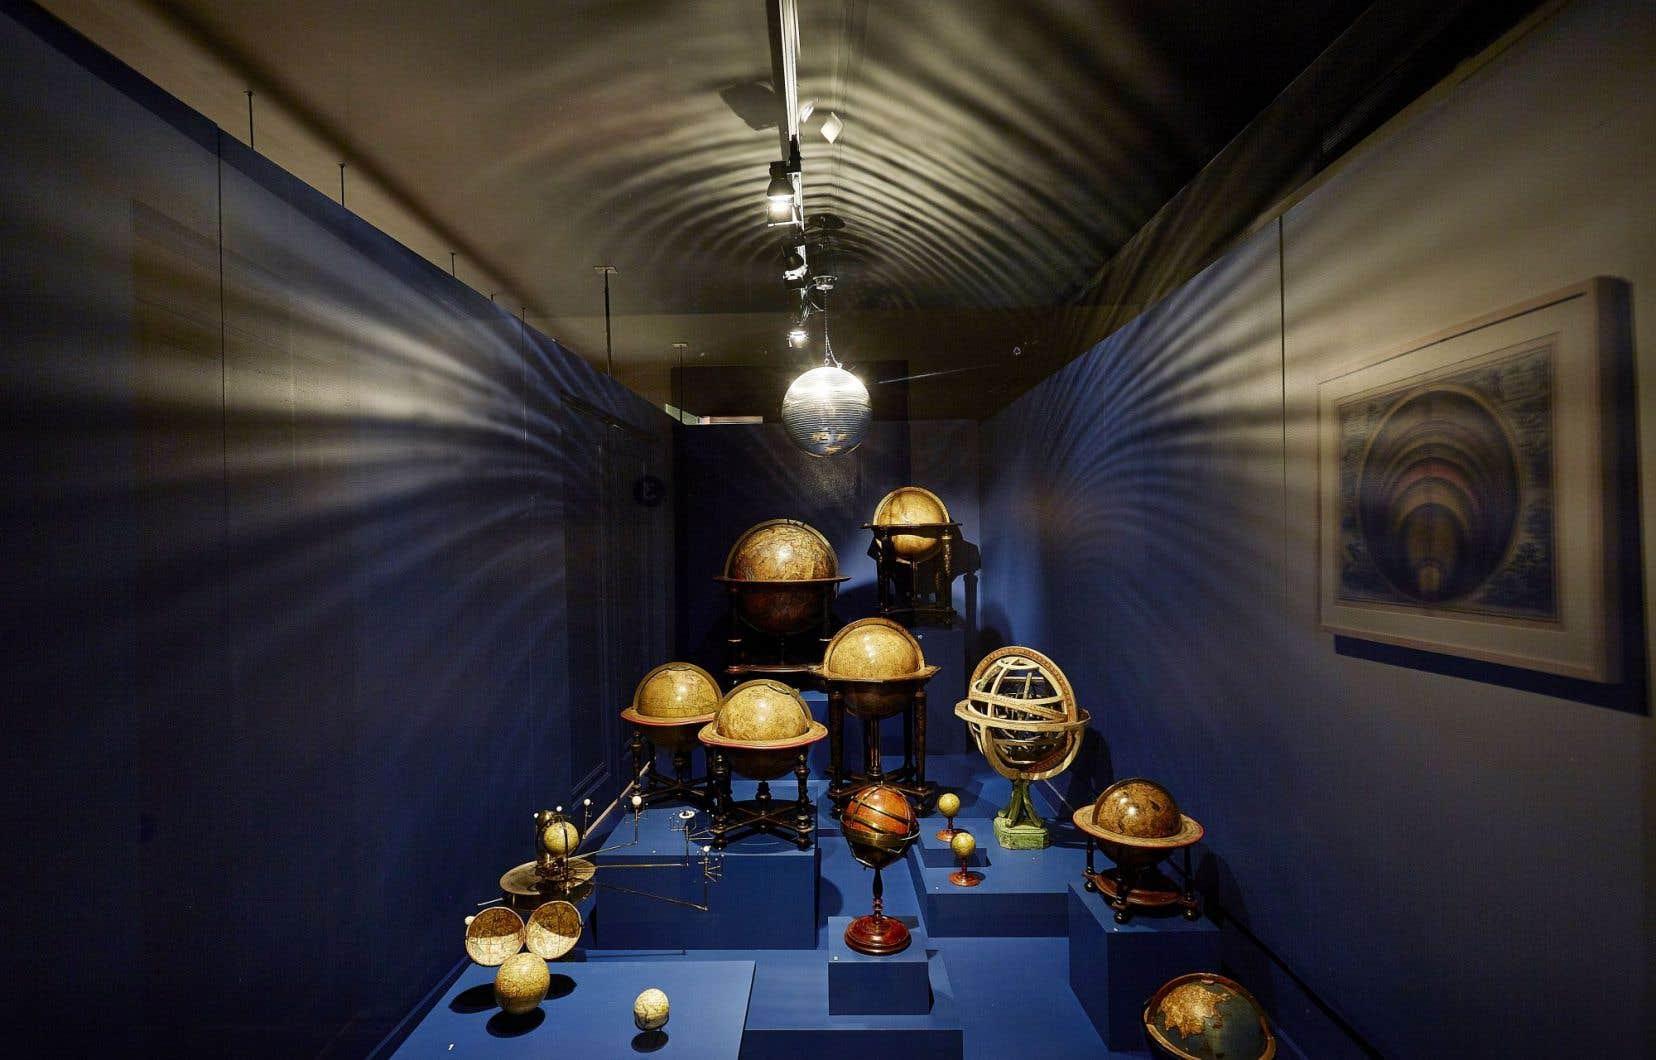 Une installation faite d'une douzaine de globes. Terrestres, célestes, mécaniques, miniatures, en ivoire, en laiton… L'effet de surprise est immédiat.